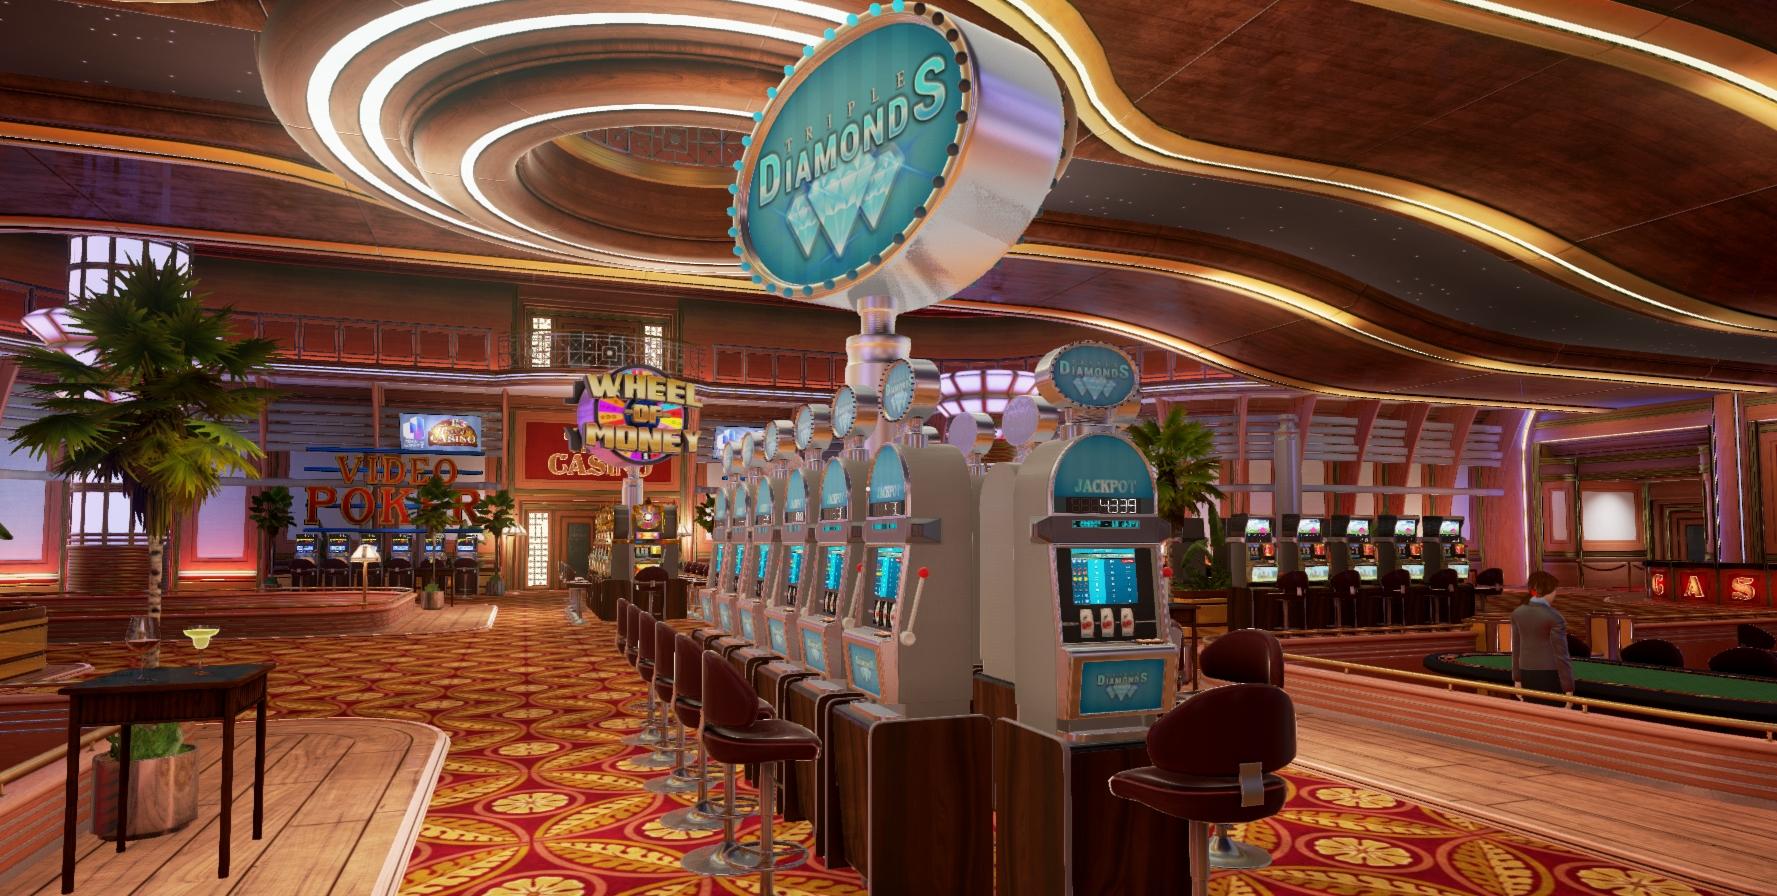 Casino release date casino gambling game online yourbestonlinecasino.com